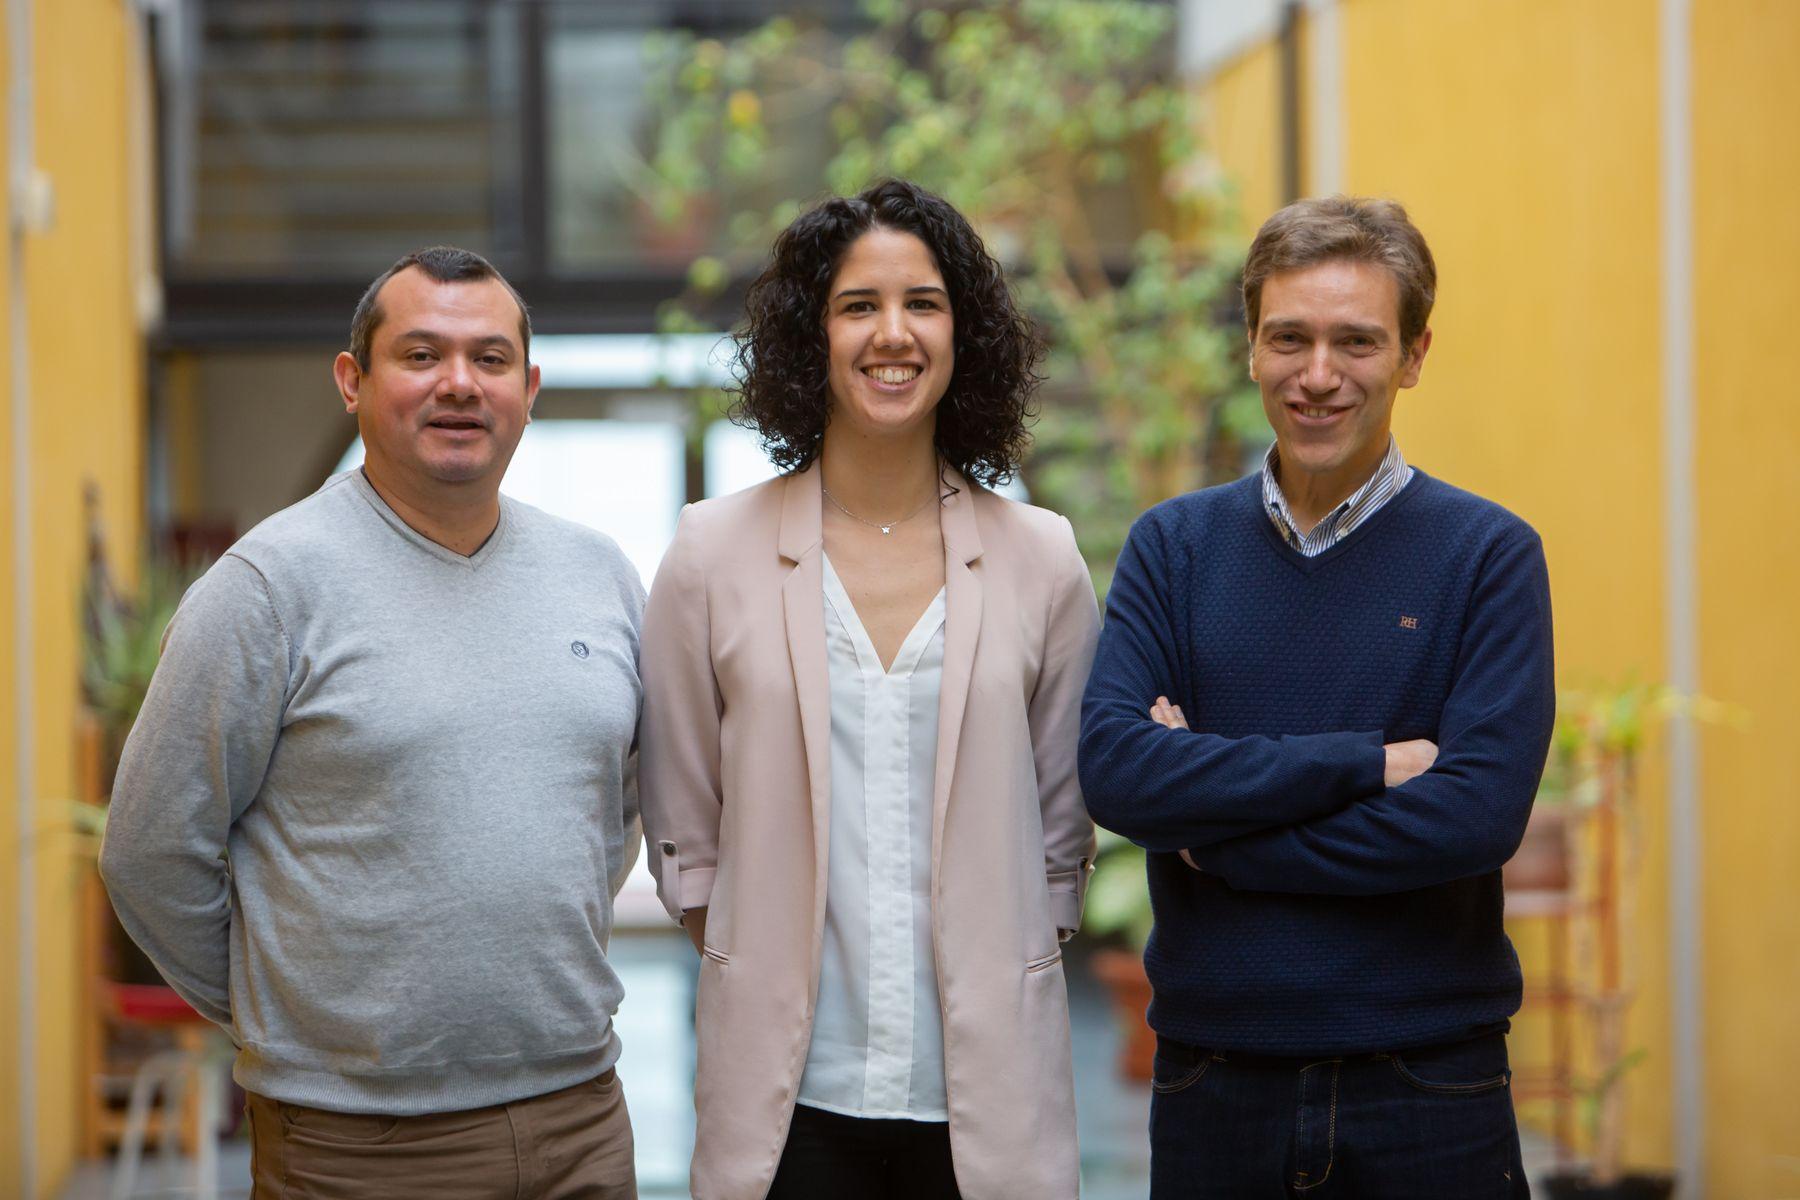 Investigadores participantes en el proyecto. De izq. a dcha.: Carlos A. De la Cruz Blas, María Pilar Garde Luque y Antonio López Martín.